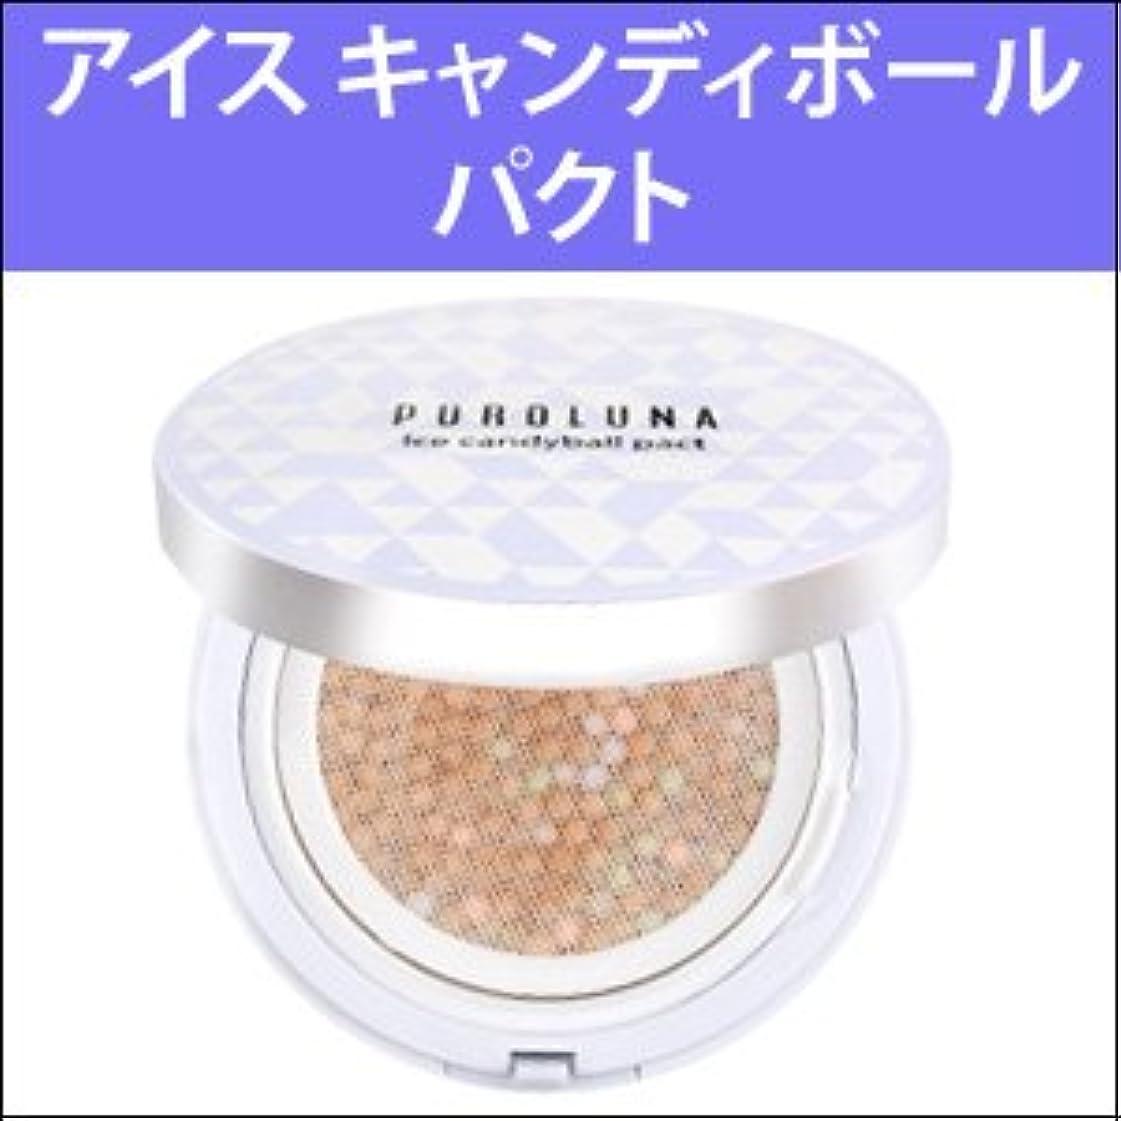 サークルやがてレジ『PUROLUNA?プロルナ』 アイス キャンディボール パクト(SPF50+/PA+++) カラー:2号 ベージュ